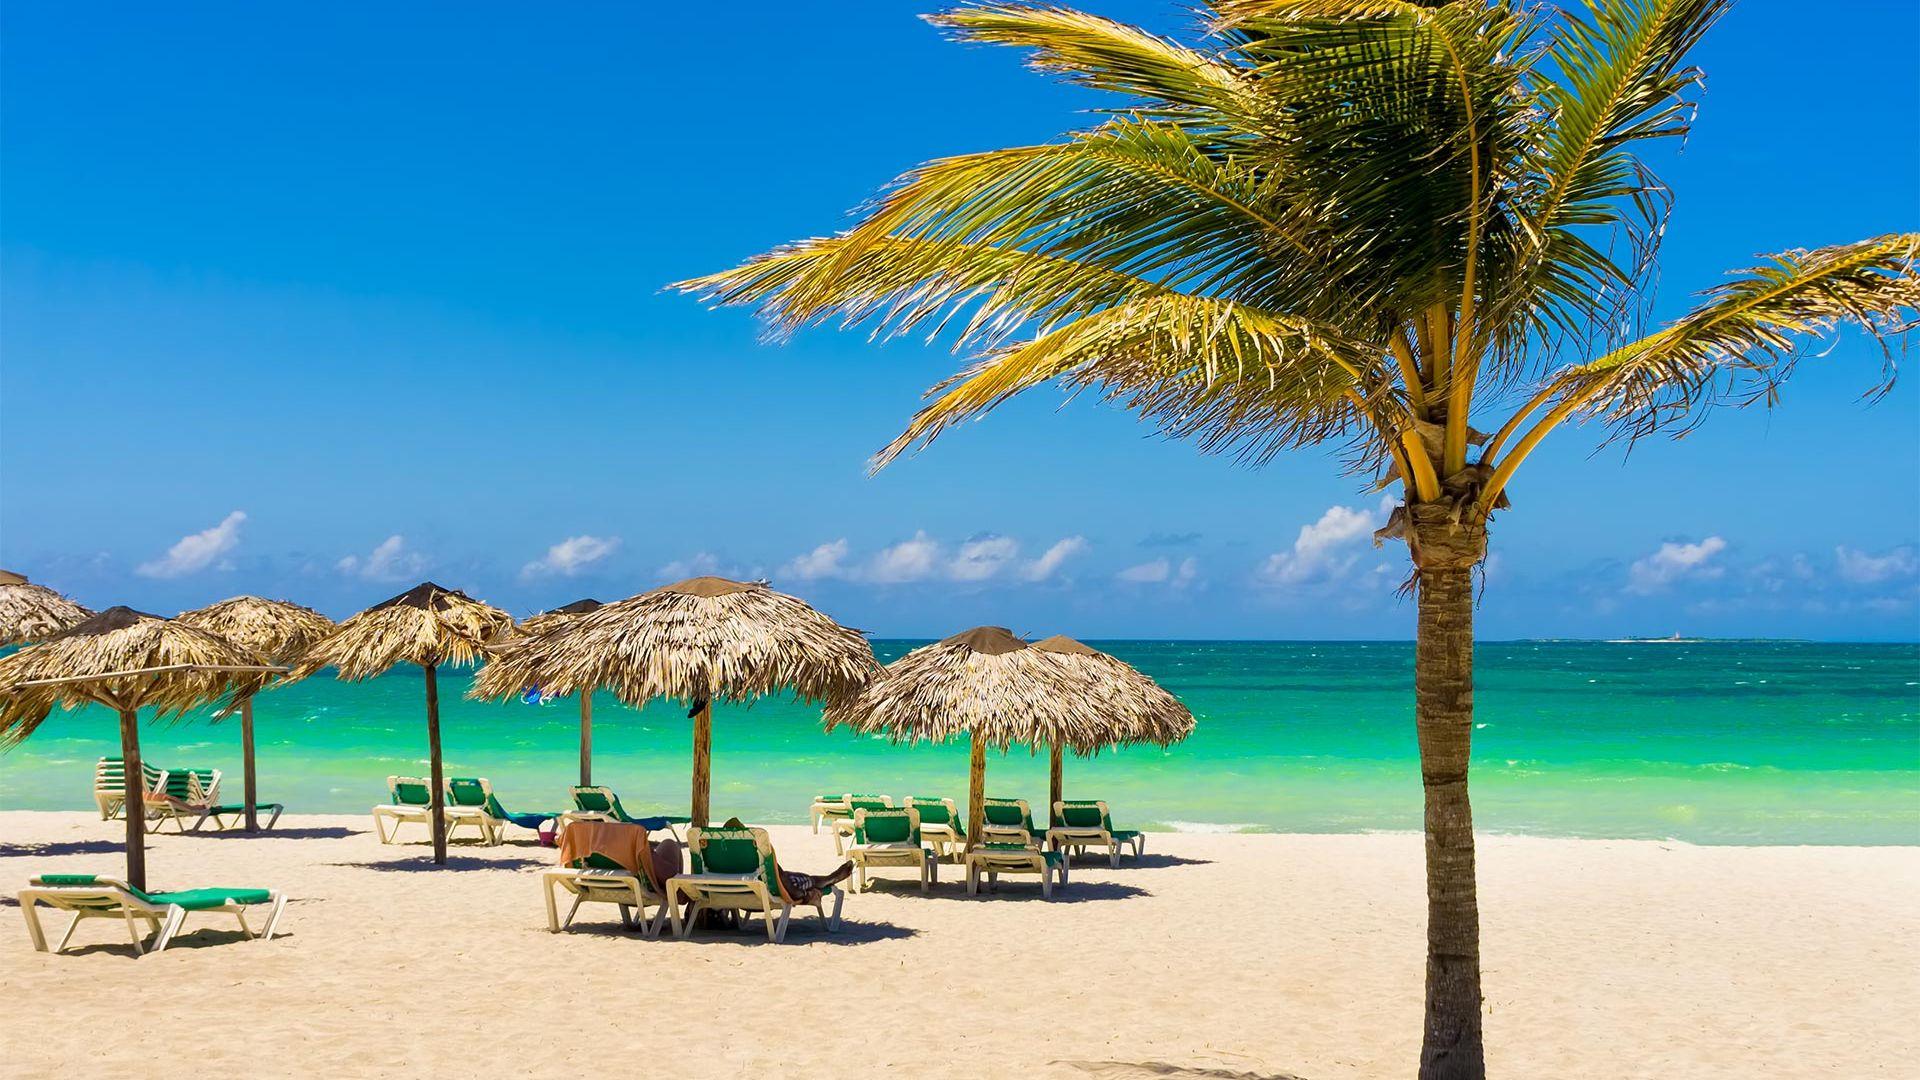 Sejur plaja Varadero, Cuba, 10 zile - ianuarie 2022